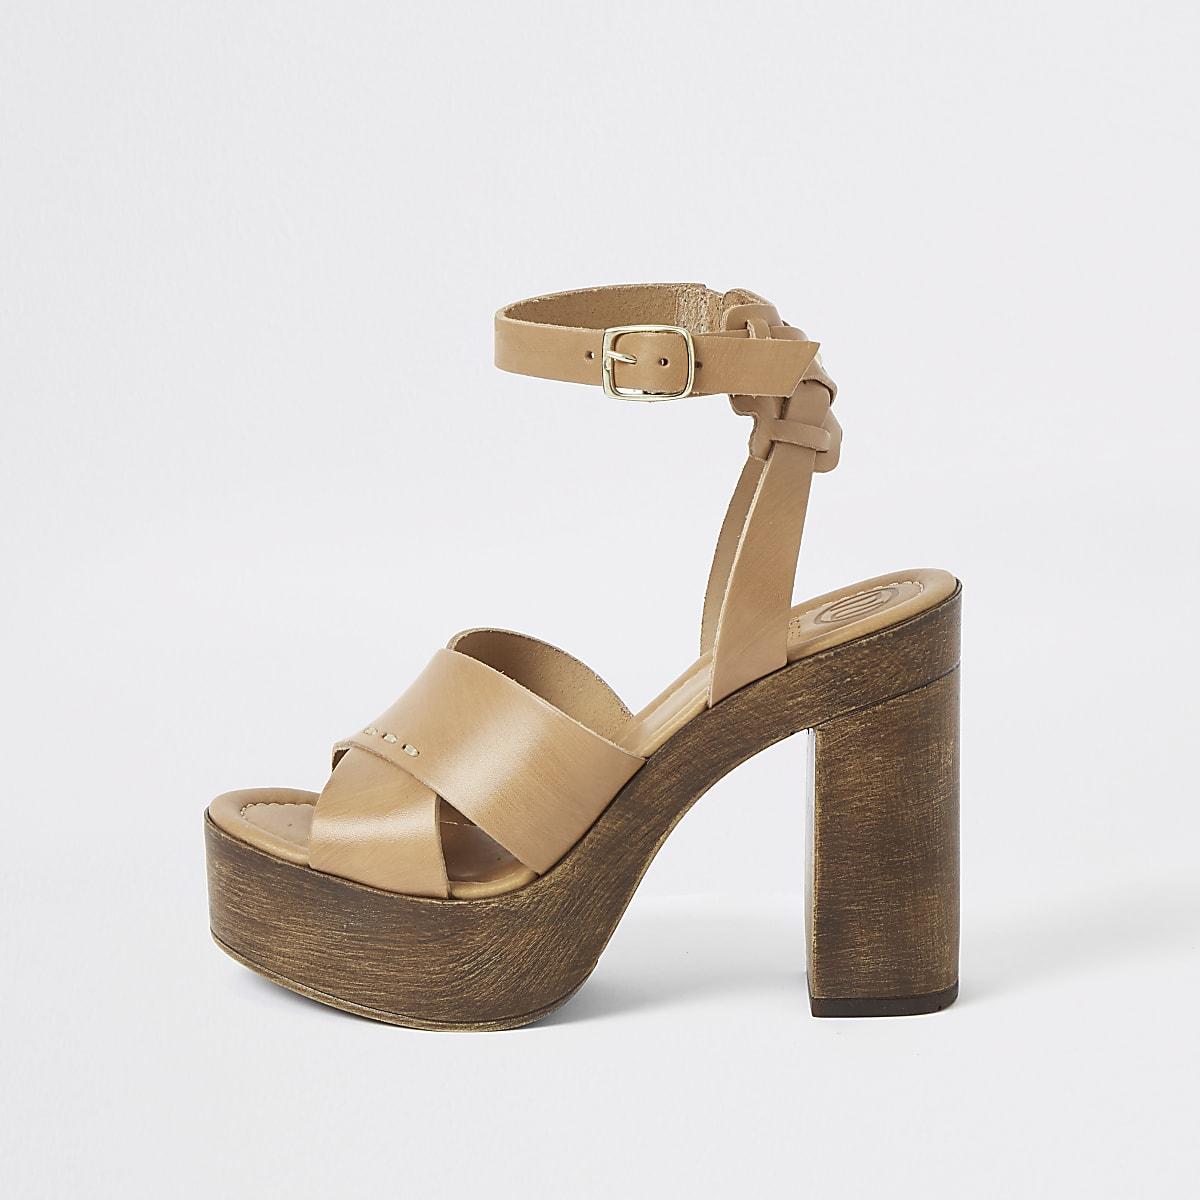 Sandales marron à talon et semelle plateforme